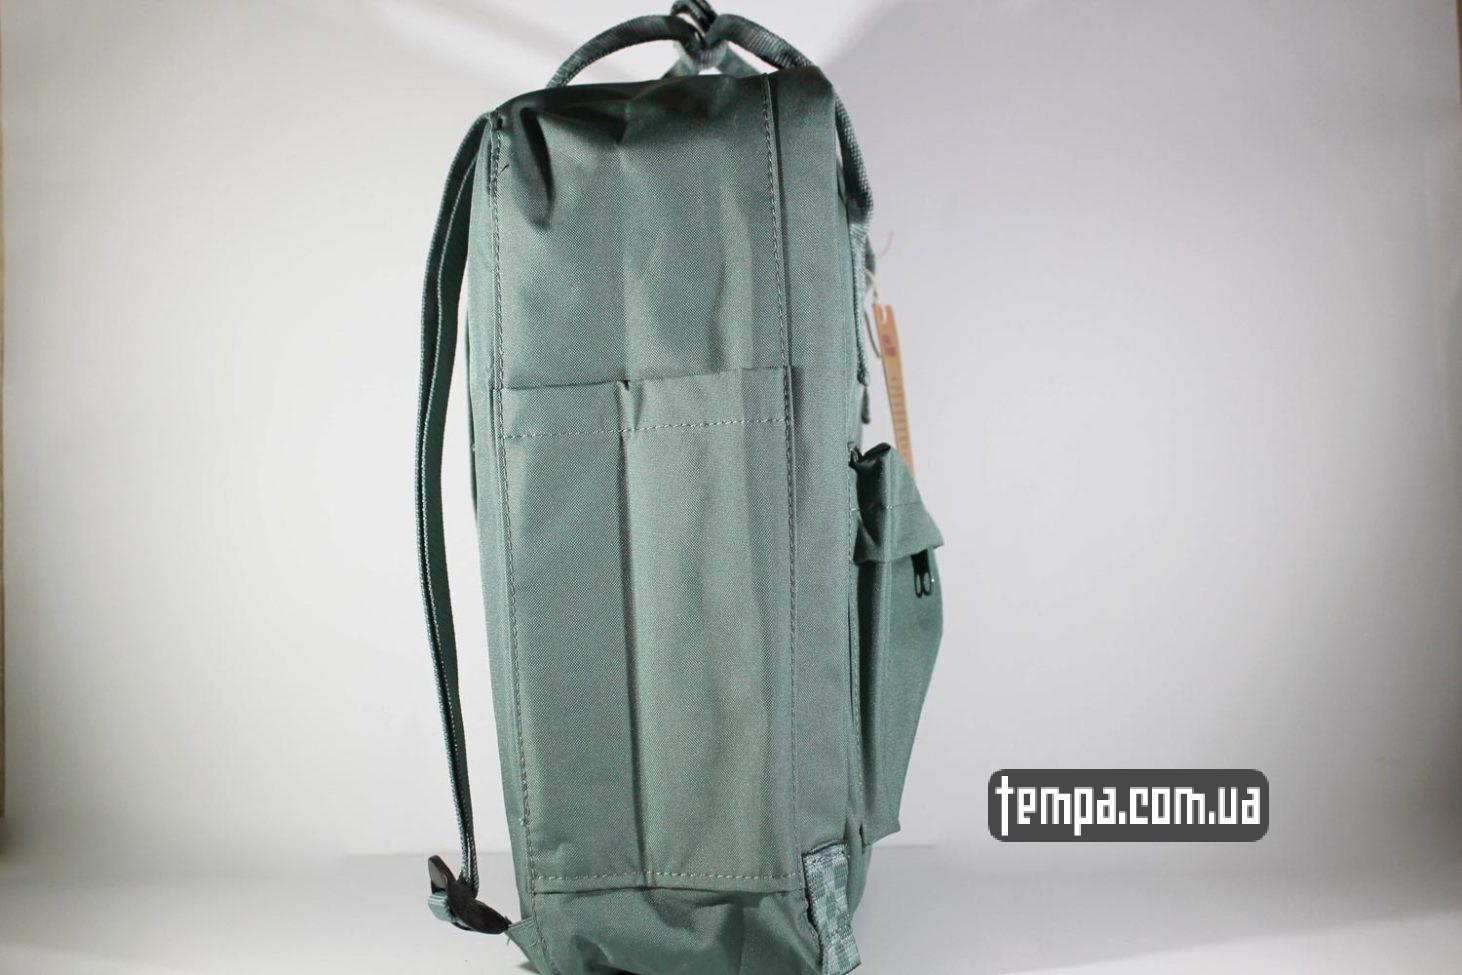 китайская копия купить недорого Купить Рюкзак Fjallraven Kanken 16 зеленый с ручками